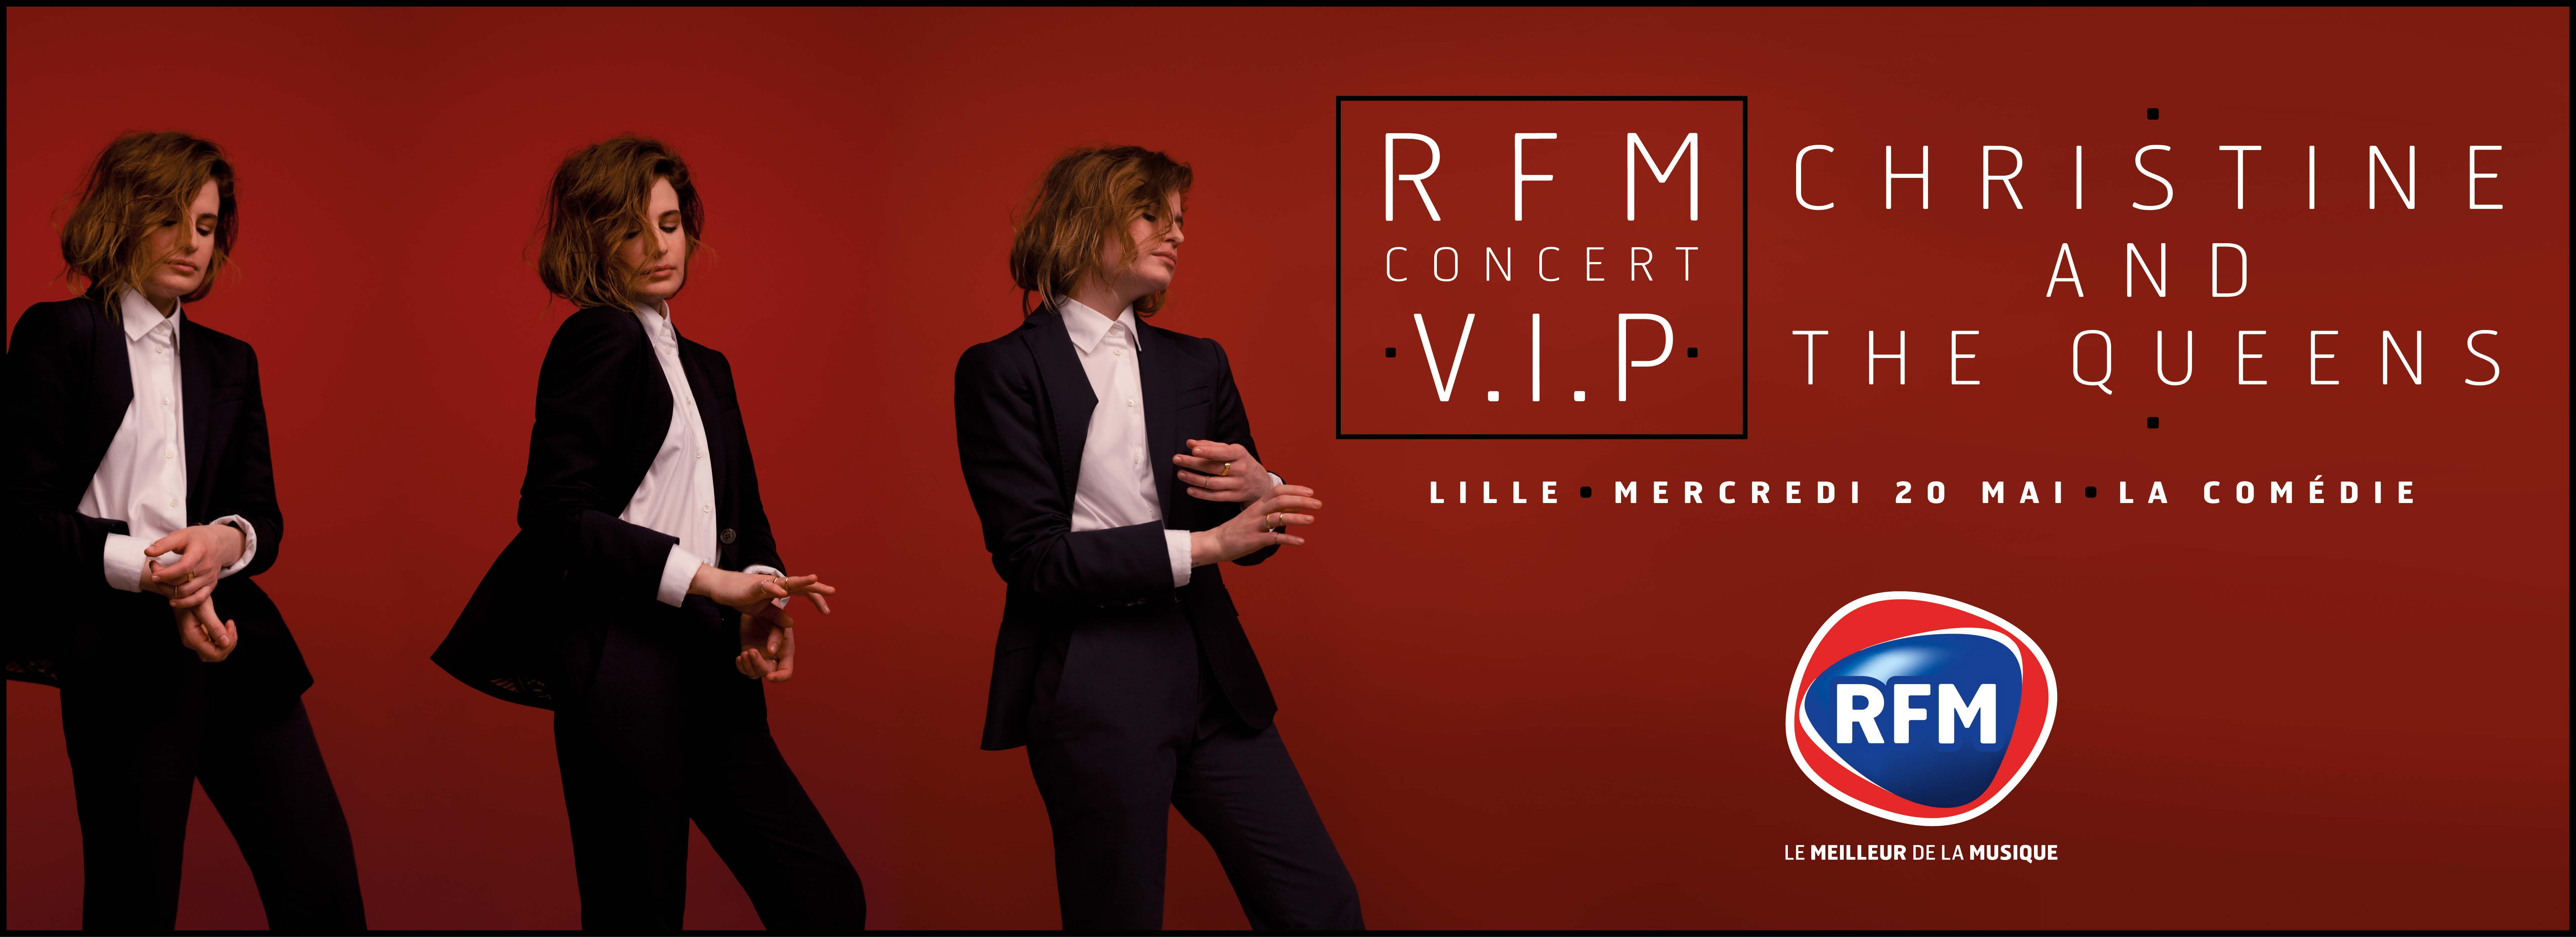 RFM délocalise deux concerts privés